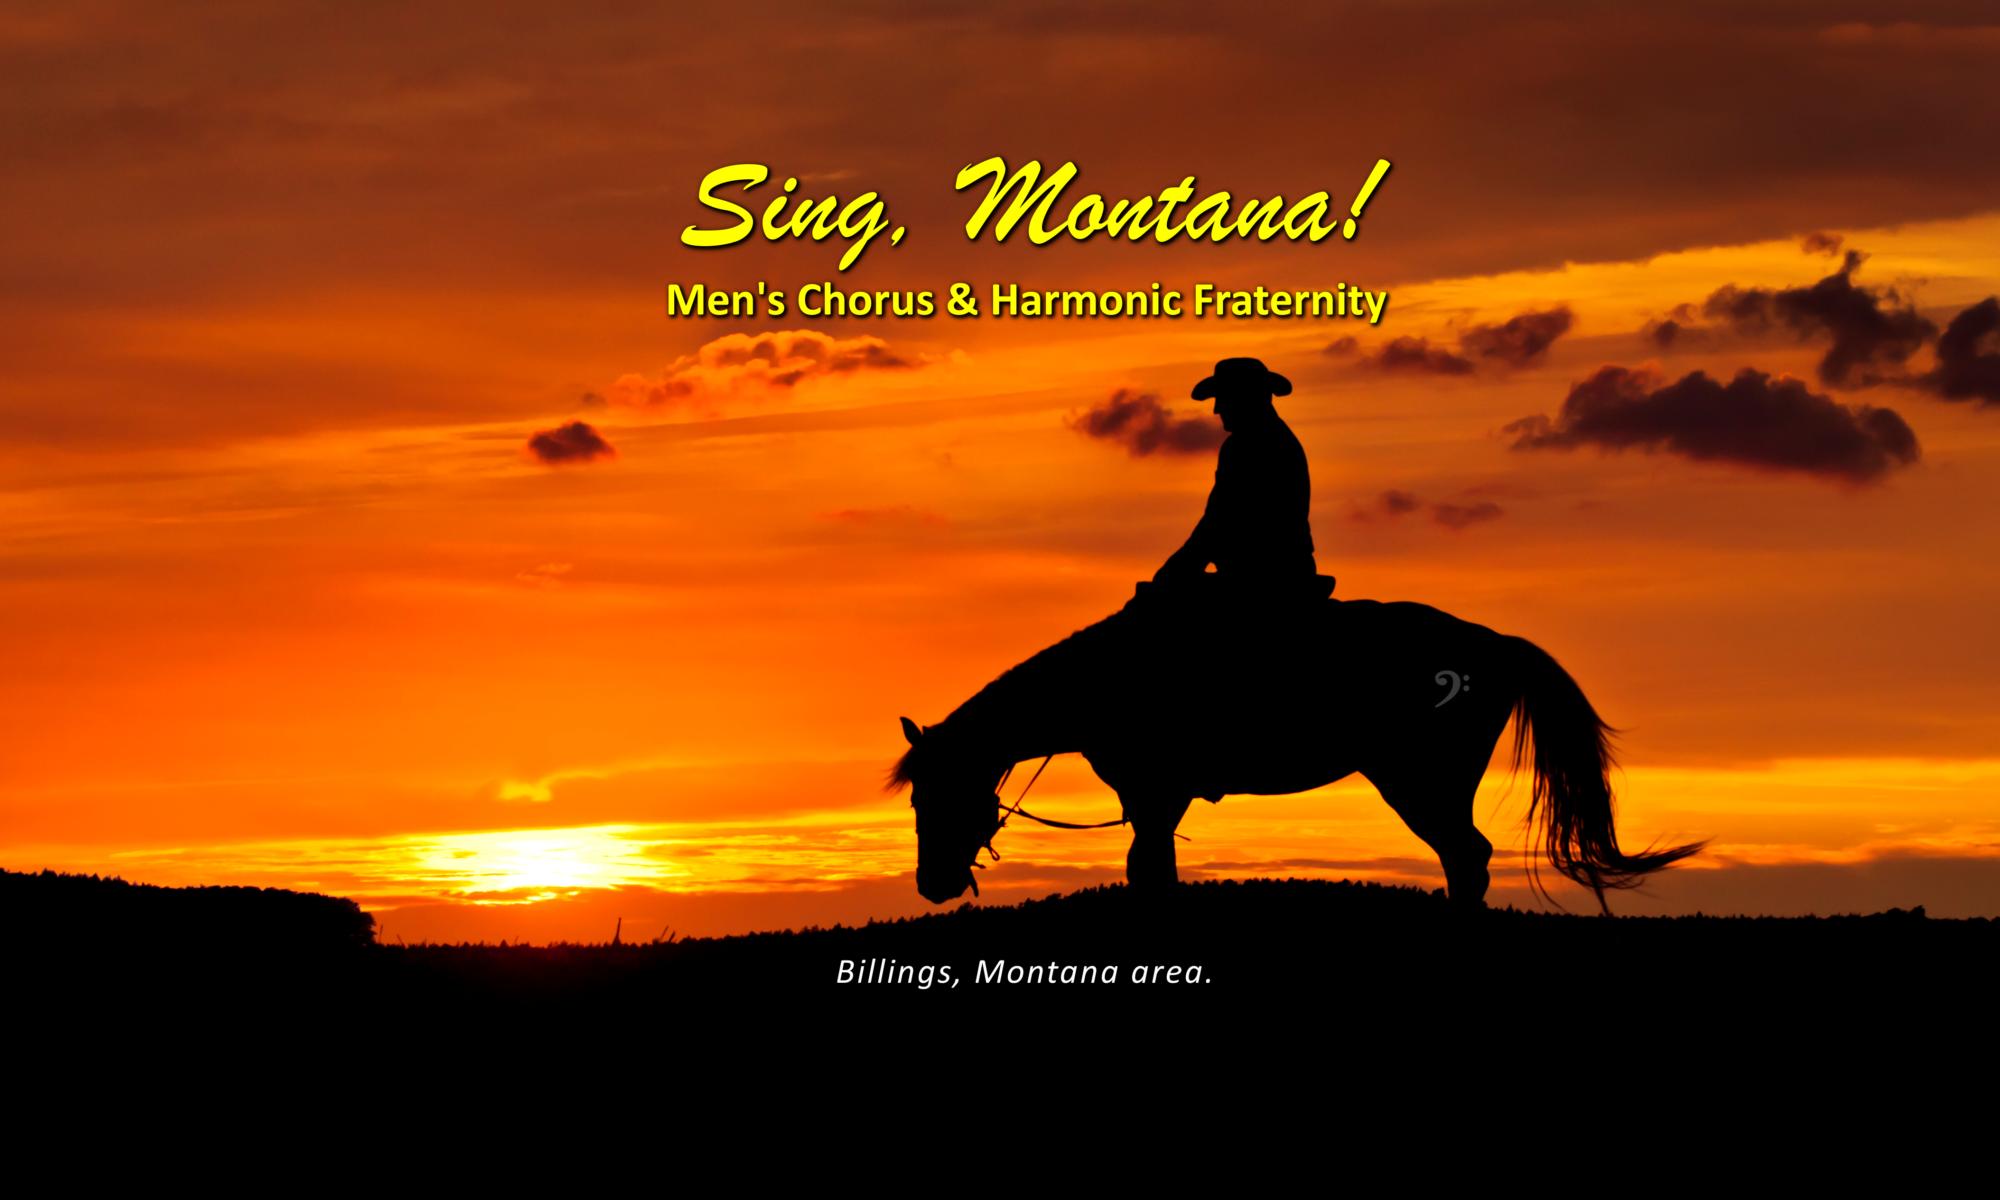 Sing, Montana!